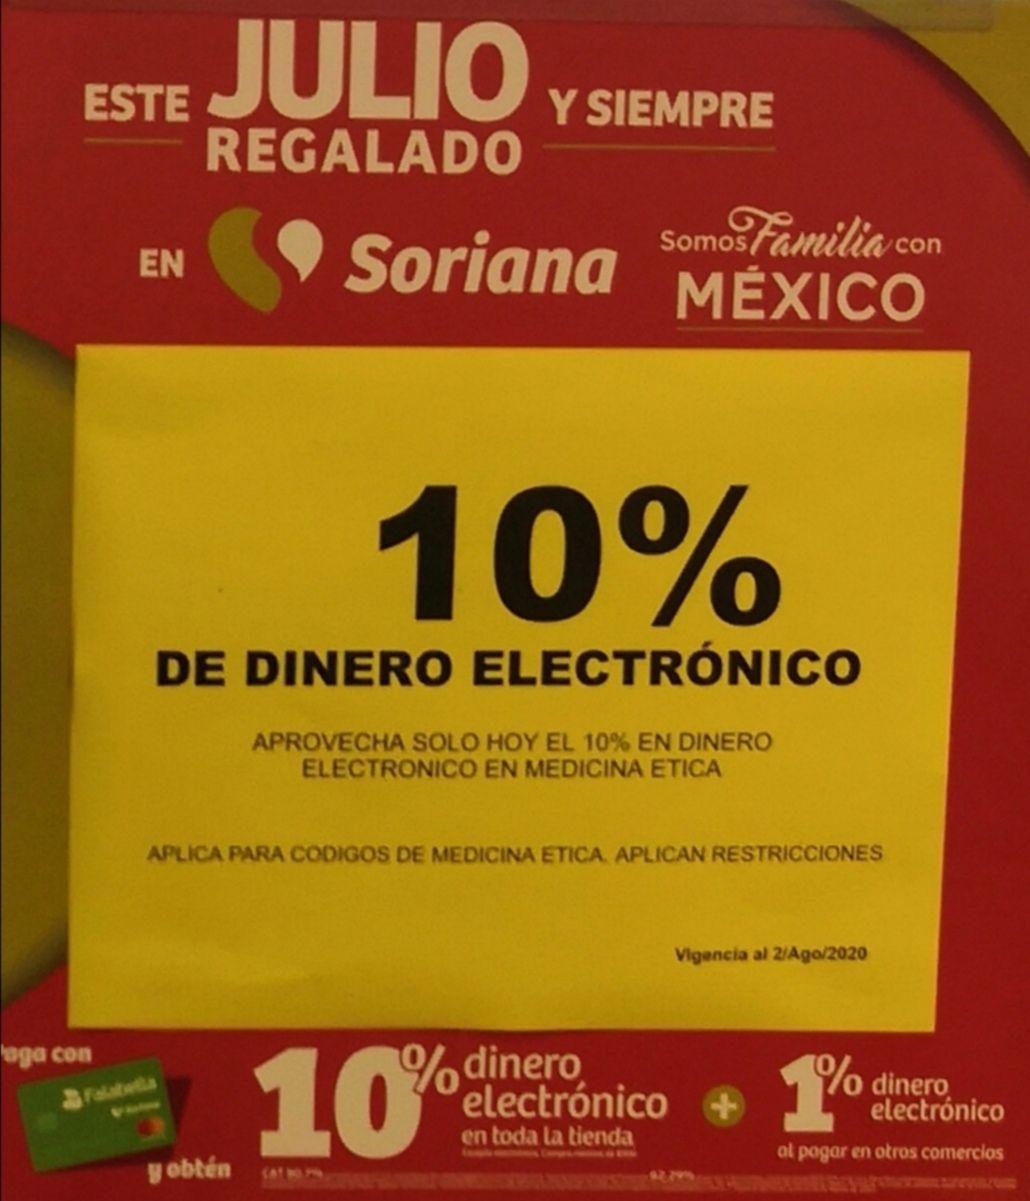 Julio Regalado 2020 en Soriana: 10% de dinero electrónico en medicina ética